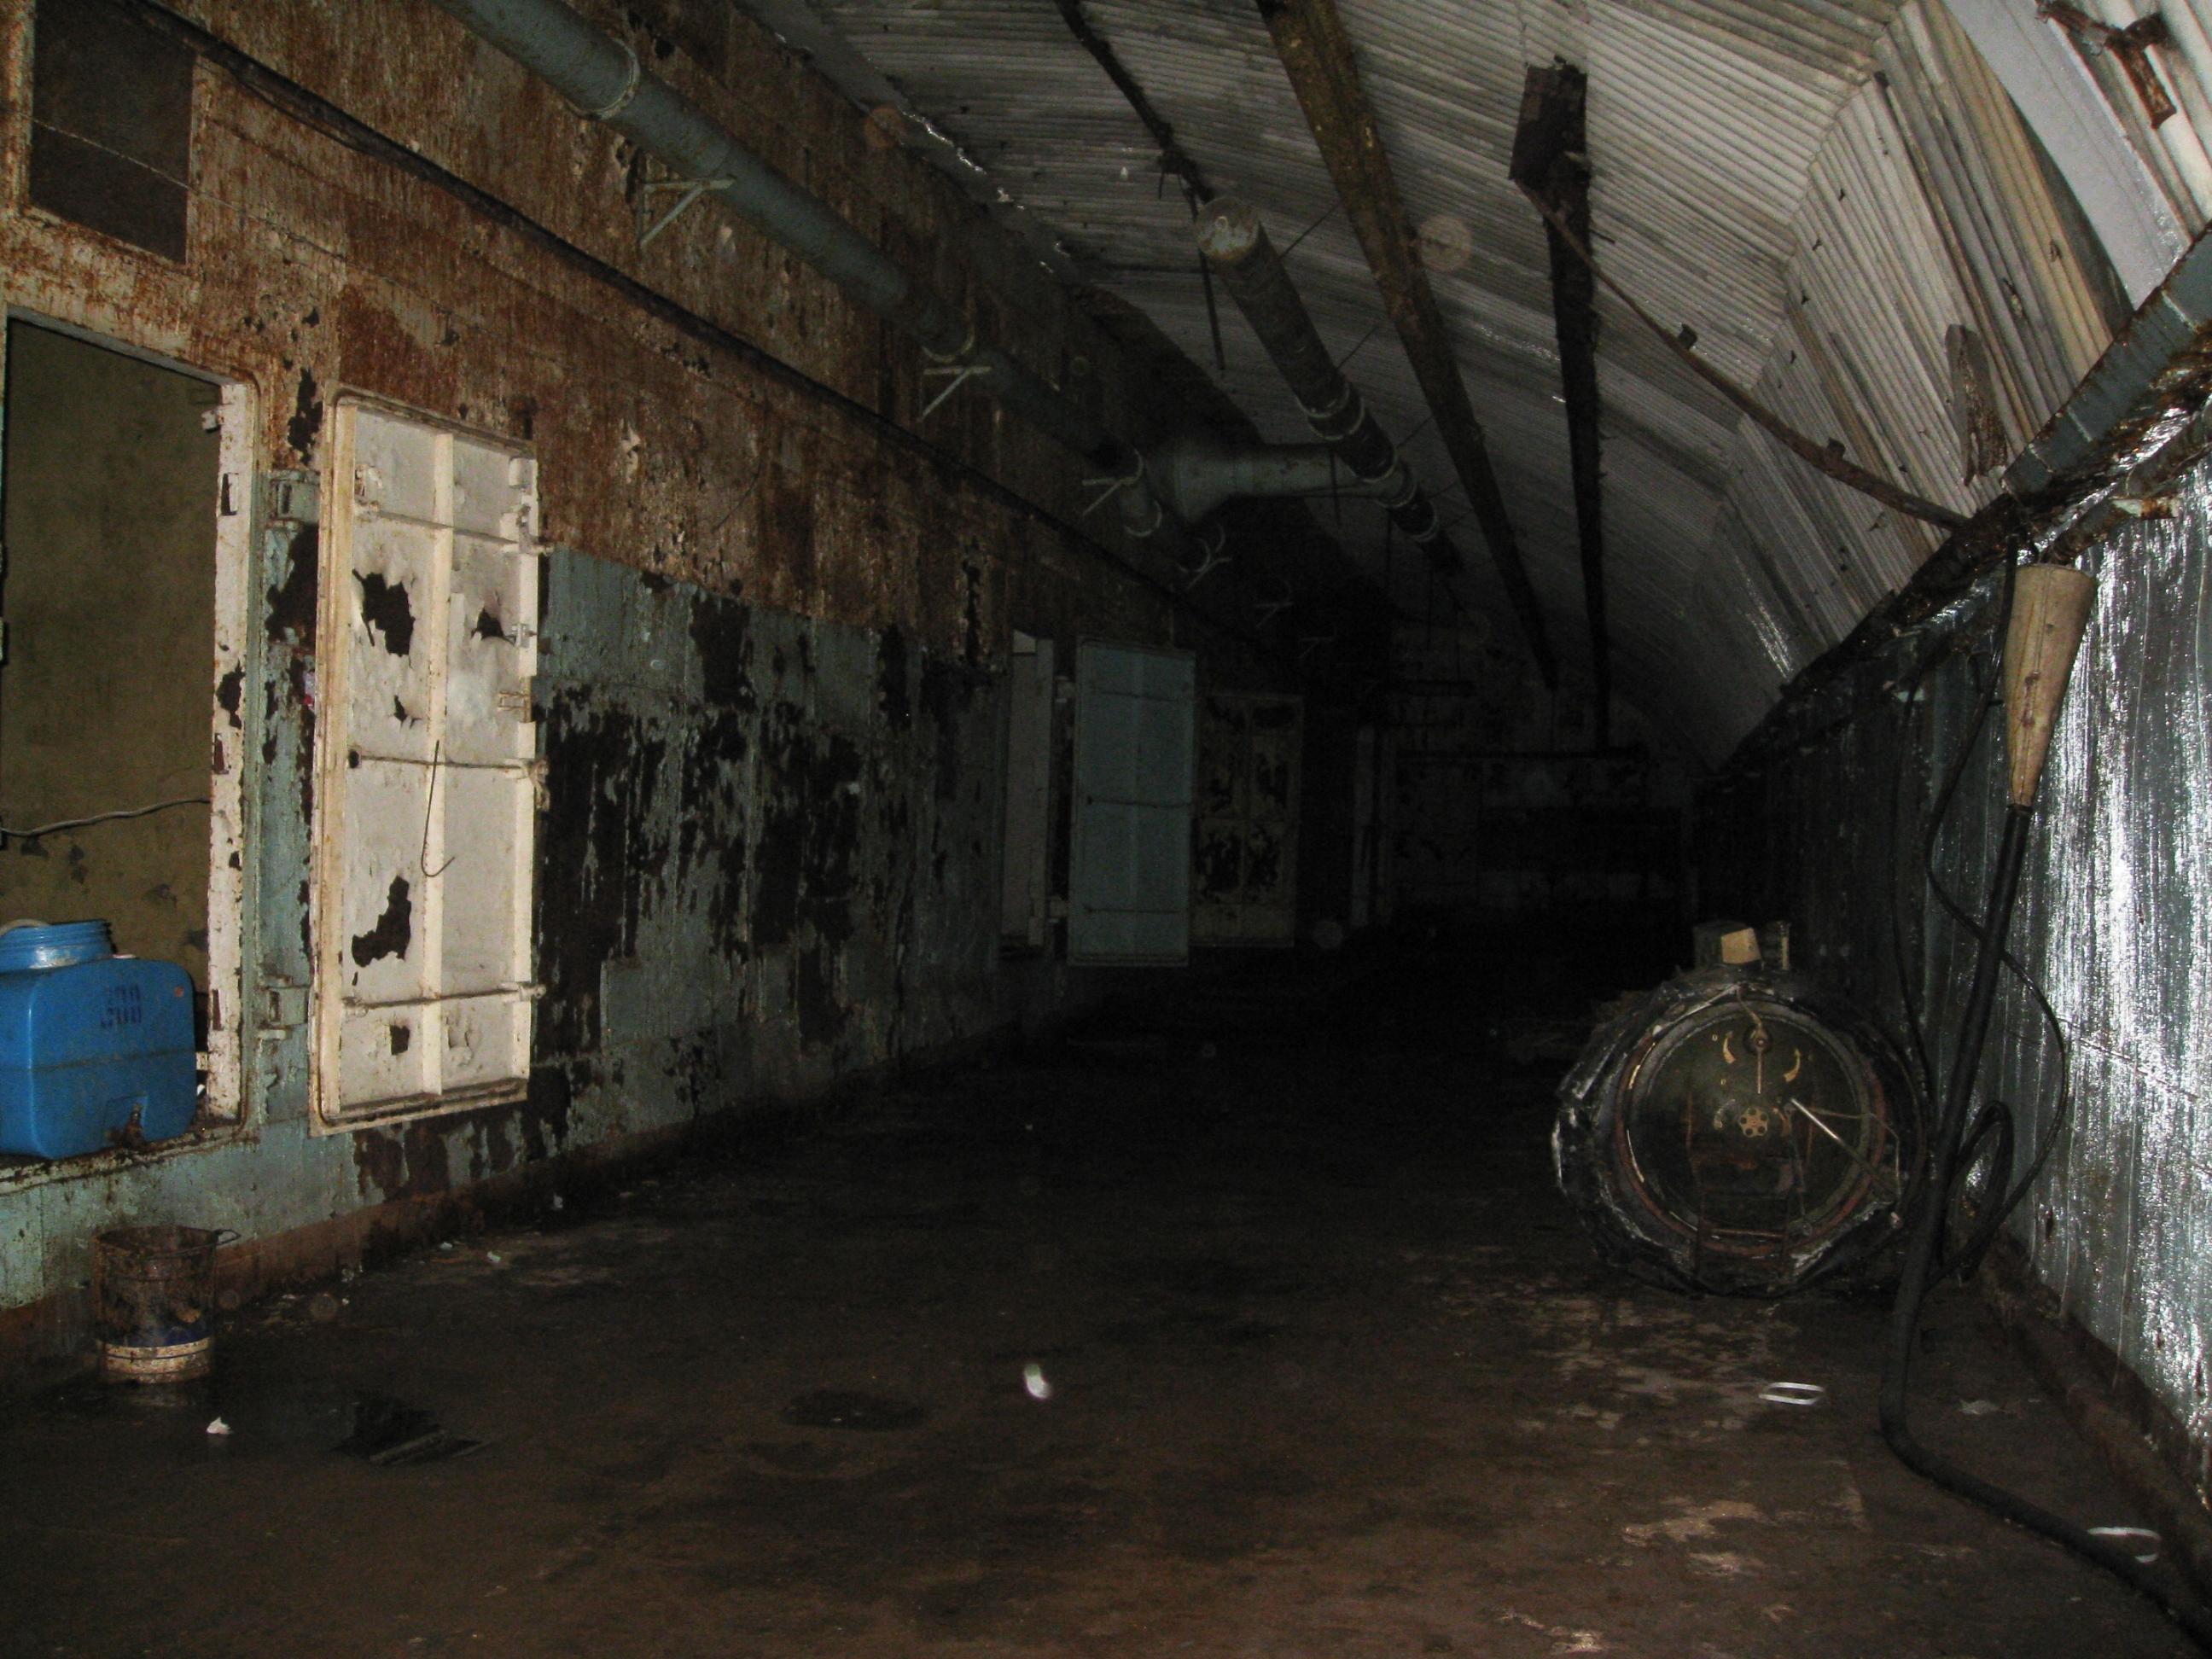 Derelict Passage